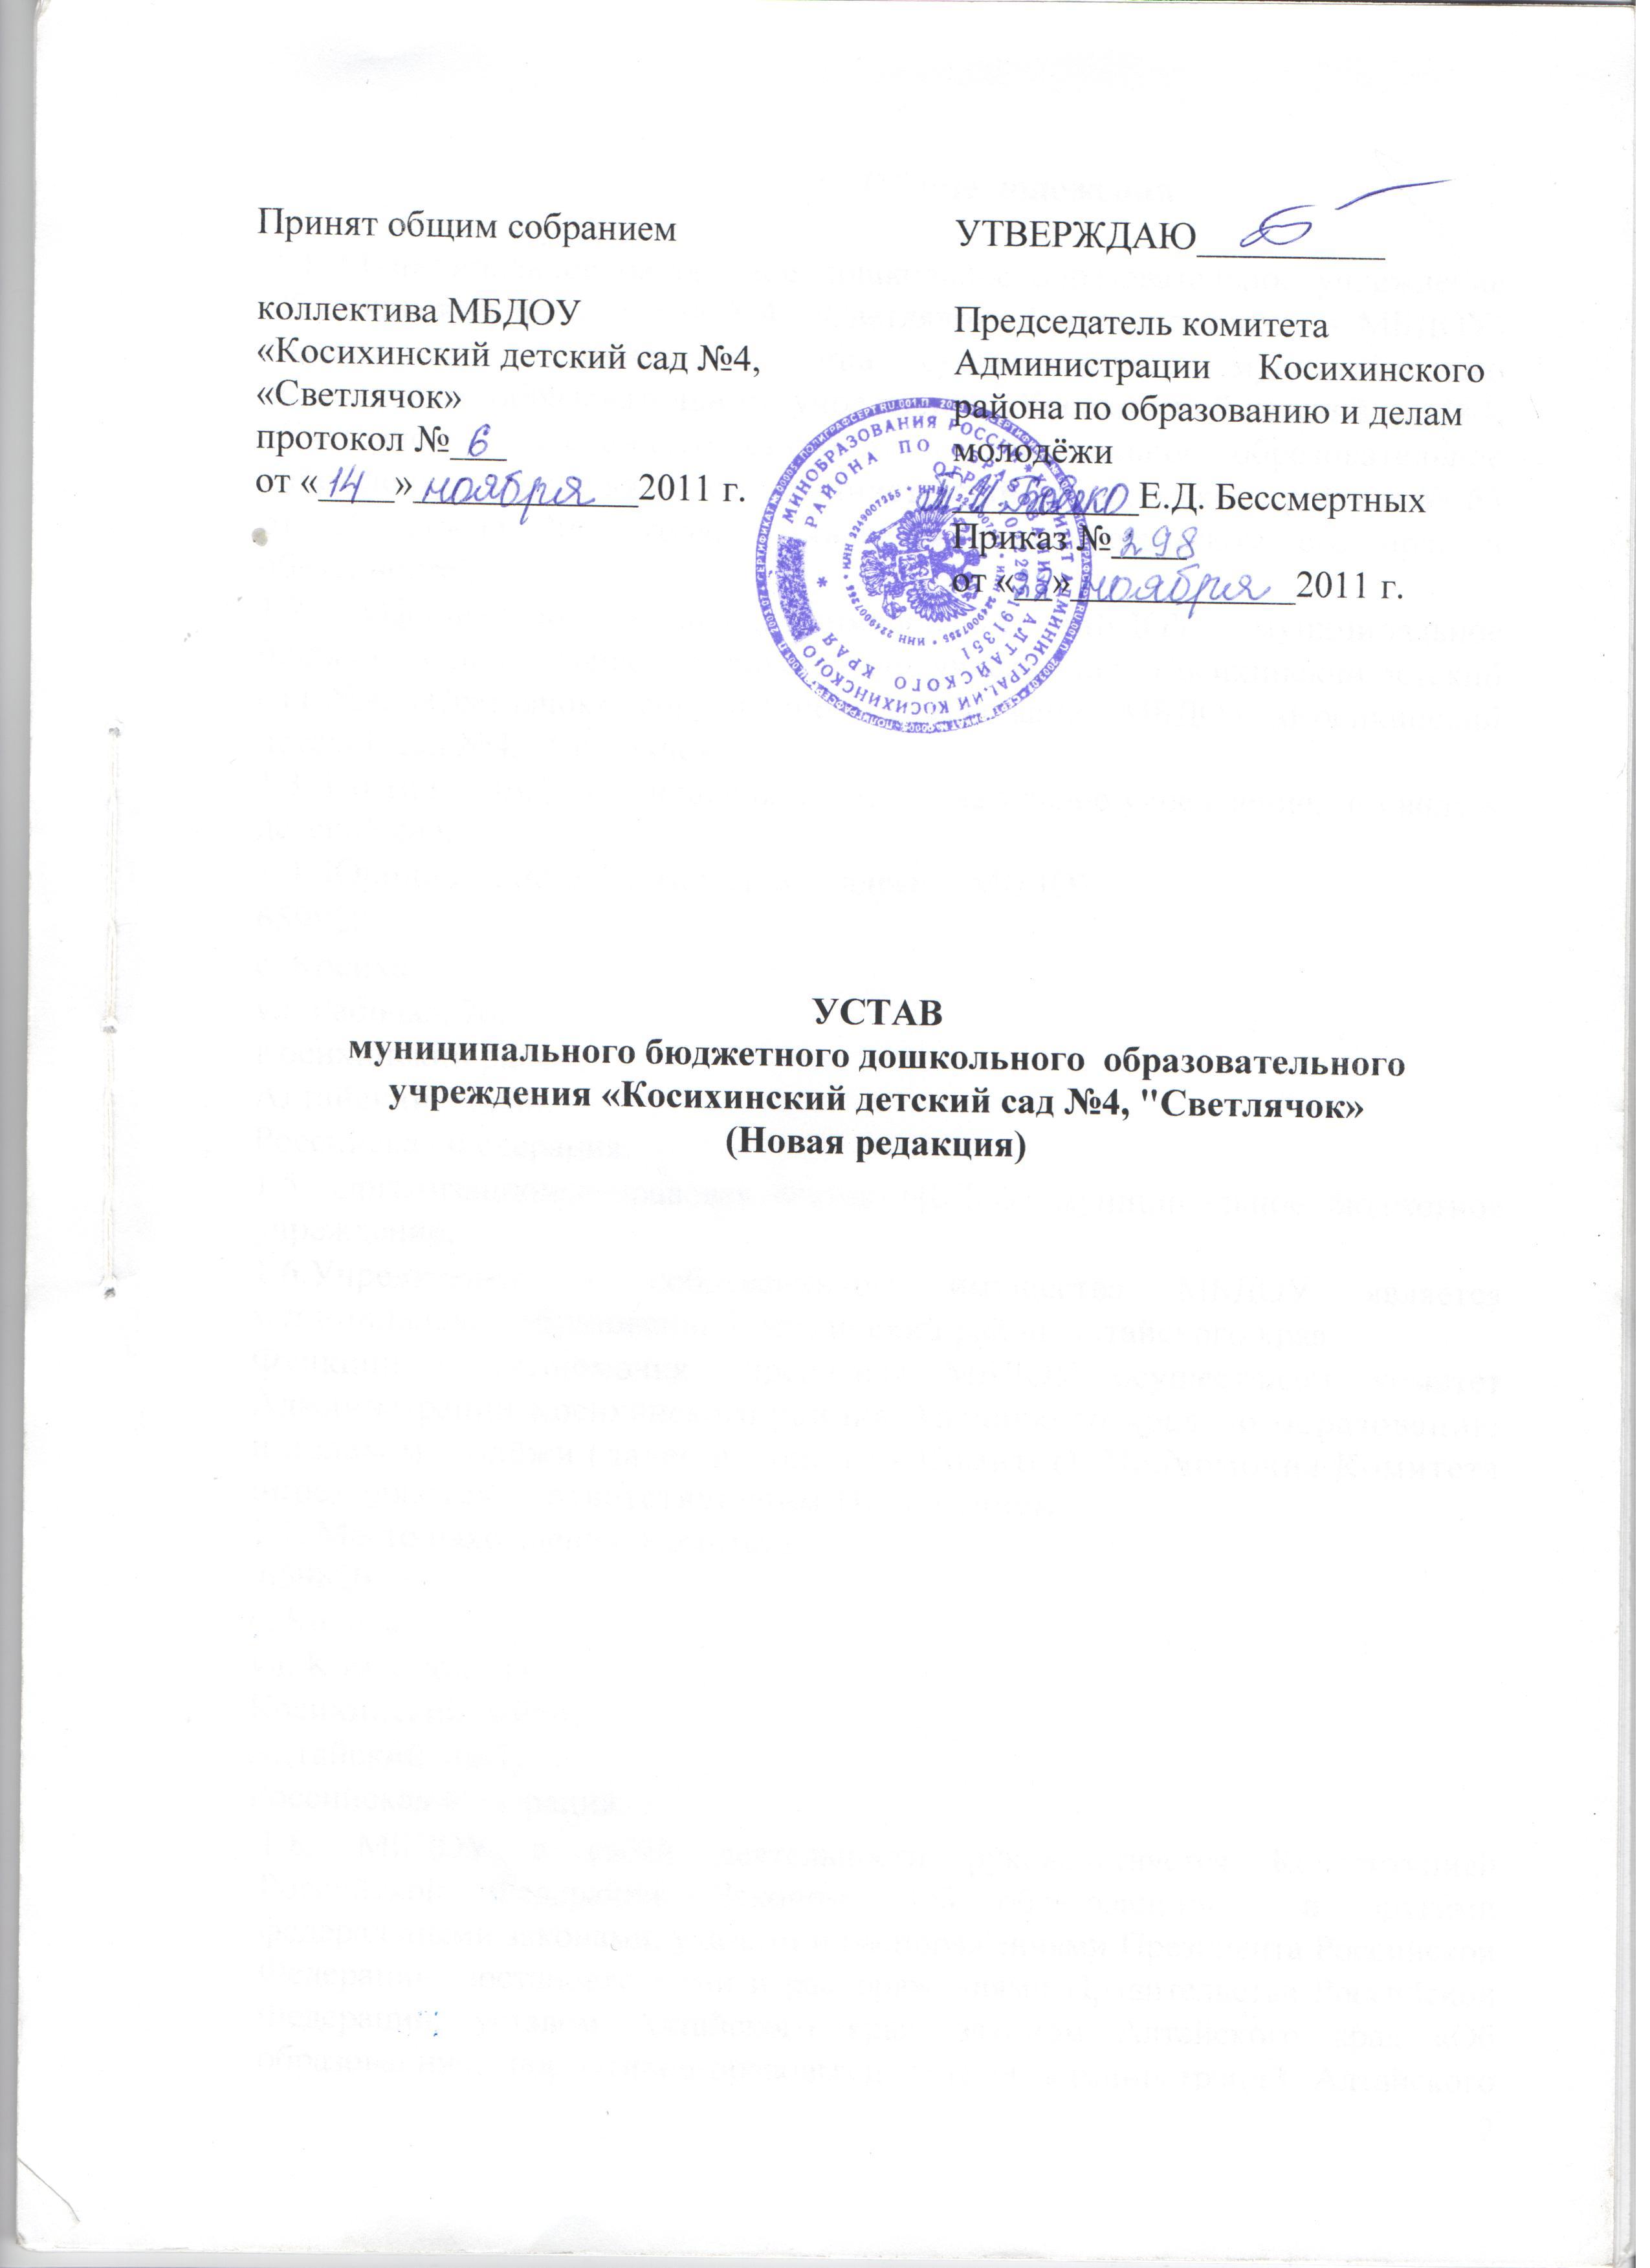 бланк инвентаризации 2011 расписание